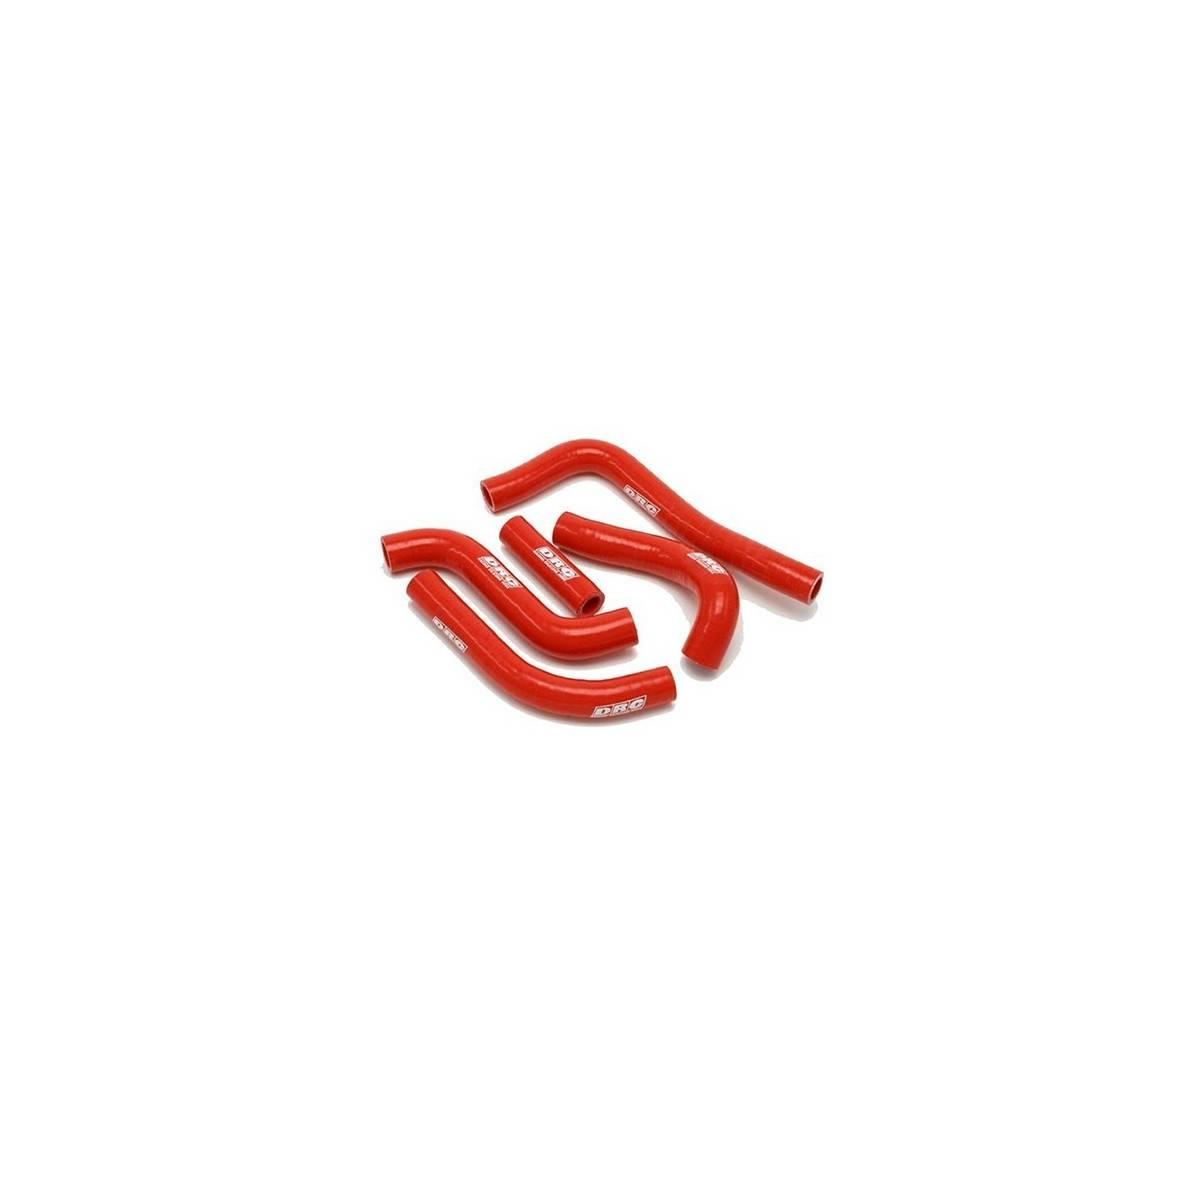 D47.01.483 - Kit Manguitos Radiador Suzuki Rmz450´08- Rmx450Z ´10 Rojo